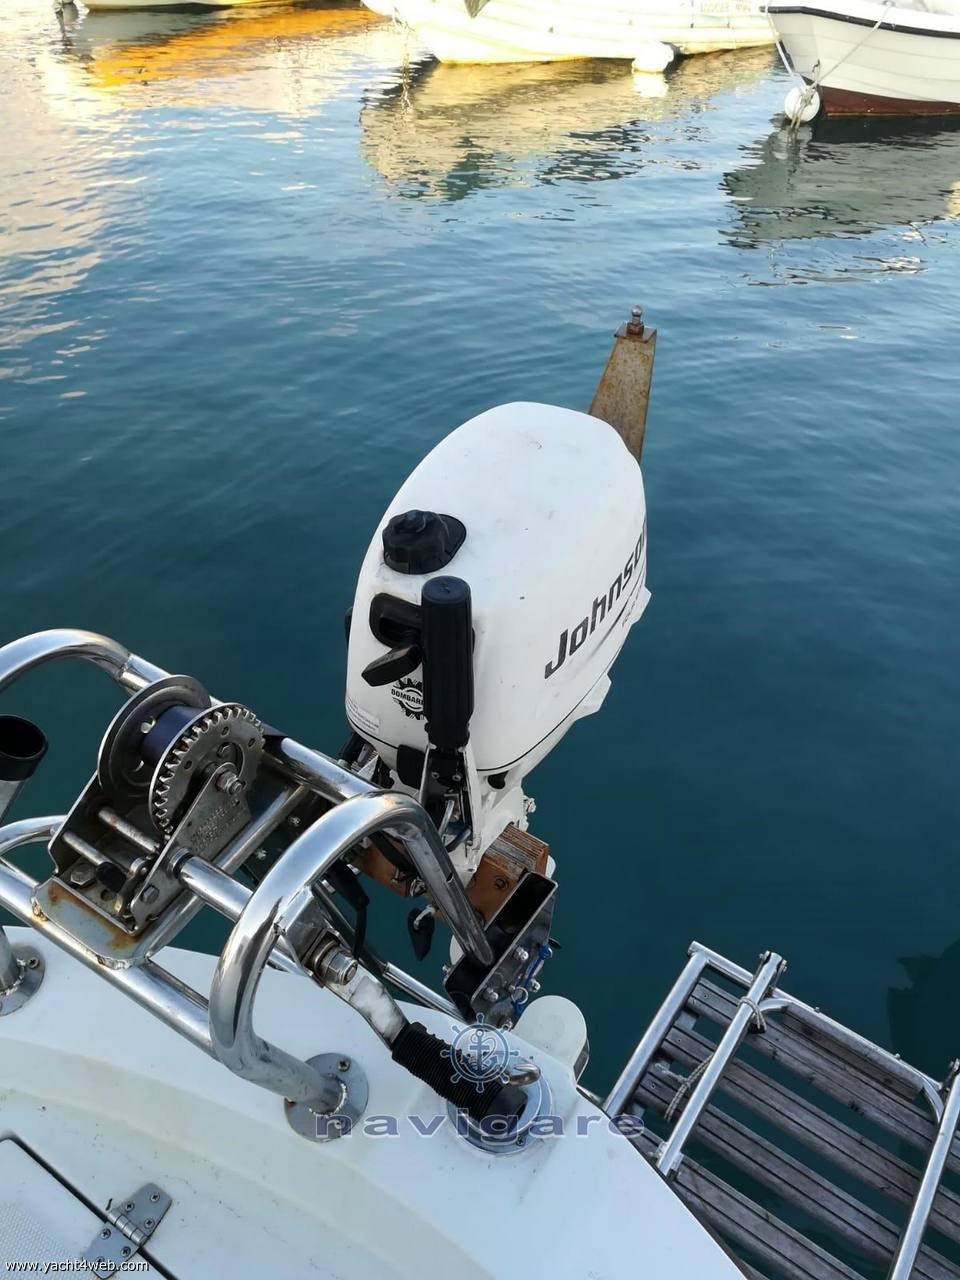 Ala Blu Proteo 23 Barca a motore usata in vendita